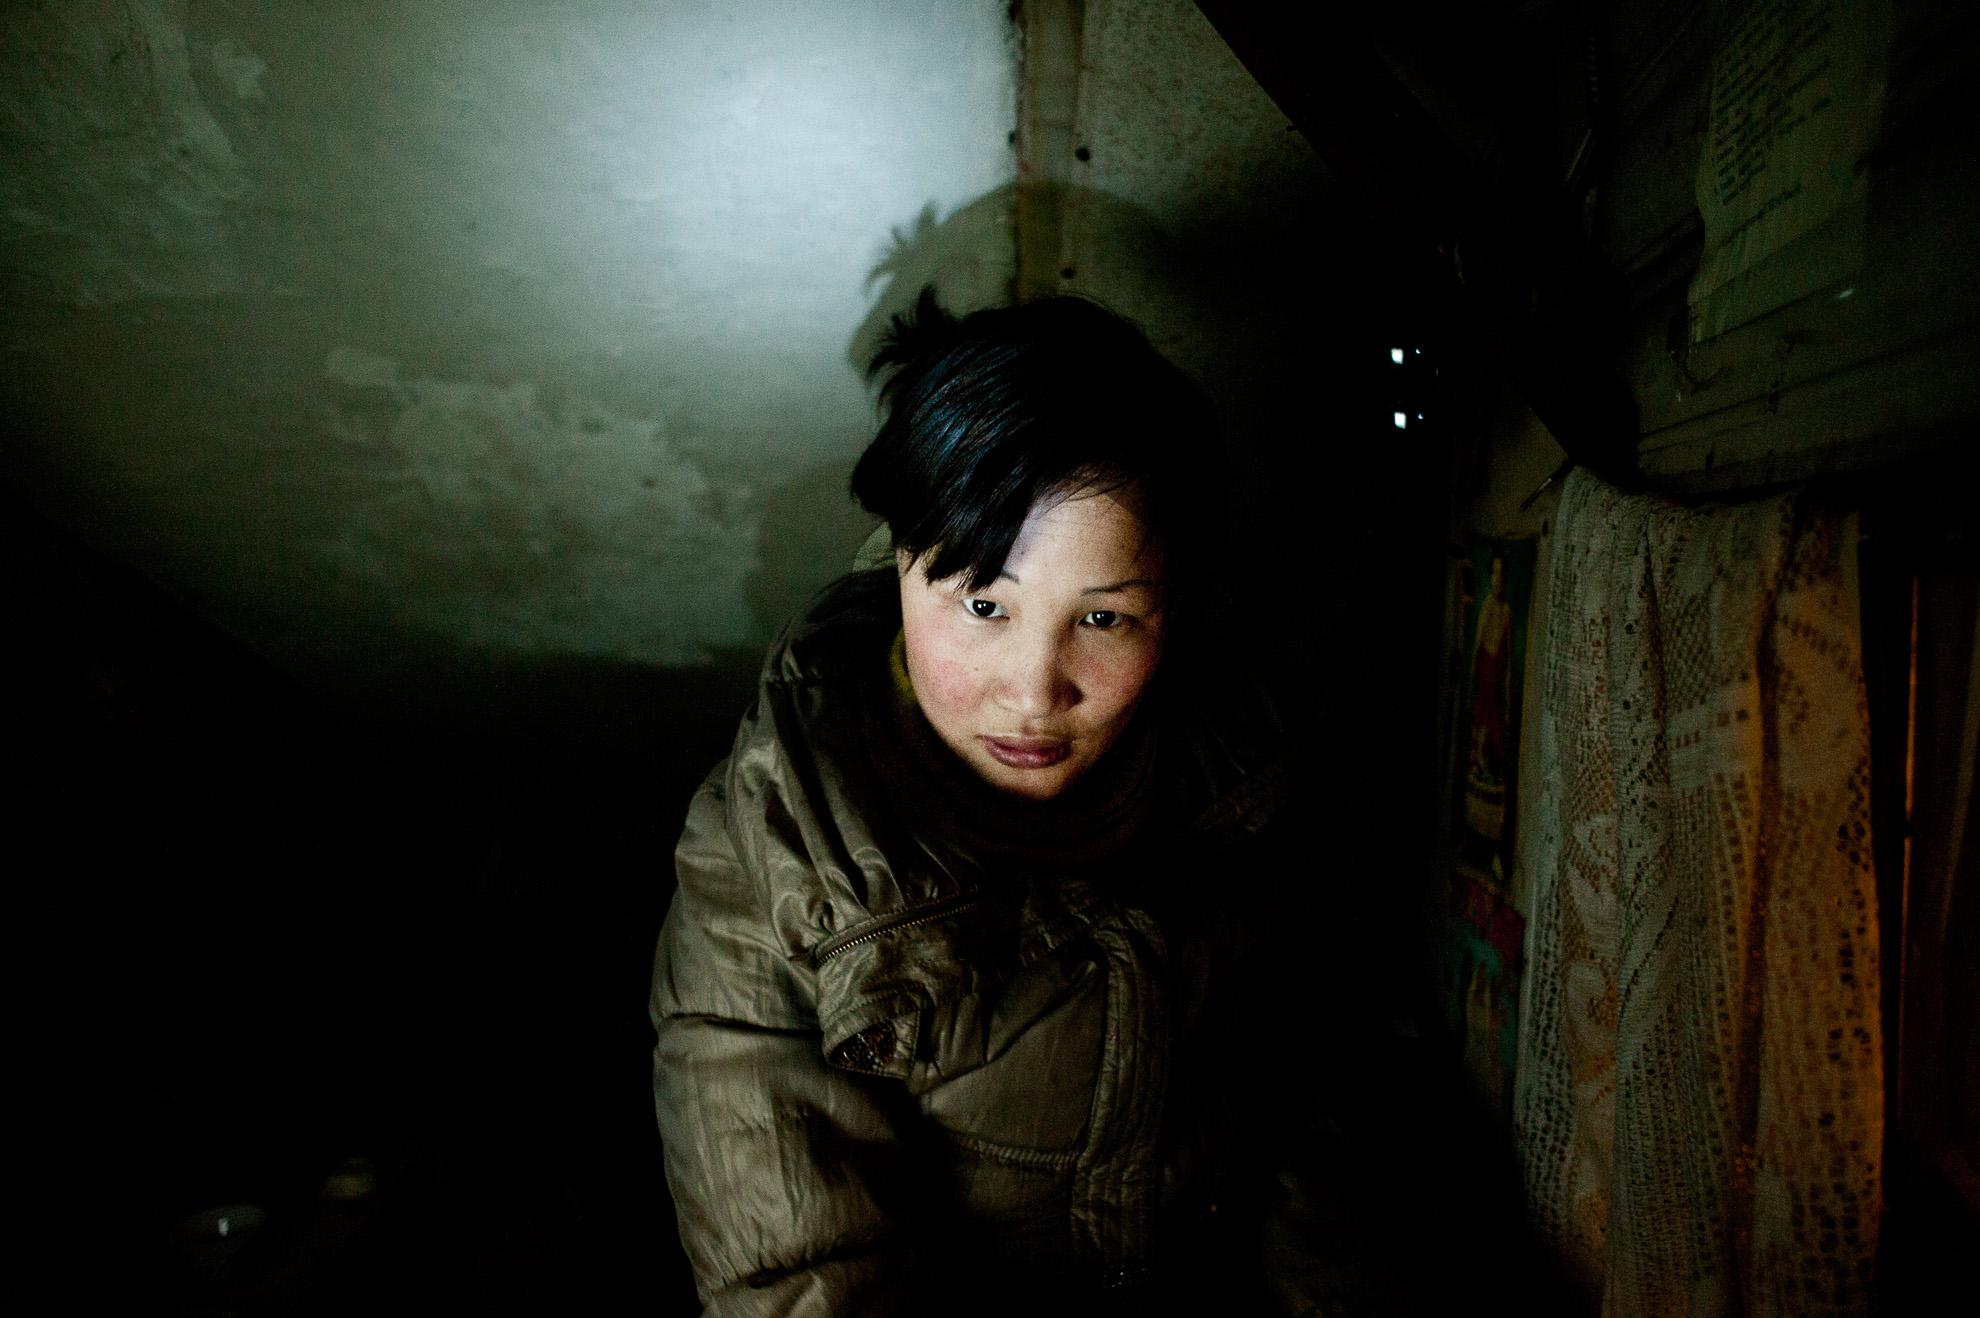 Dyun Erdene, 26 años, antigua pastora, sentada en el espacio que comparte con su familia. Consiguieron este espacio gracias al trabajo de la madre (la única que trabaja en la familia). Deben pagar solo un modesto alquiler, y así pueden ahorrar algo de dinero para los alimentos básicos. Su padre ha sido pastor toda su vida: es analfabeto y carece de conocimientos para desarrollar otro tipo de trabajo.